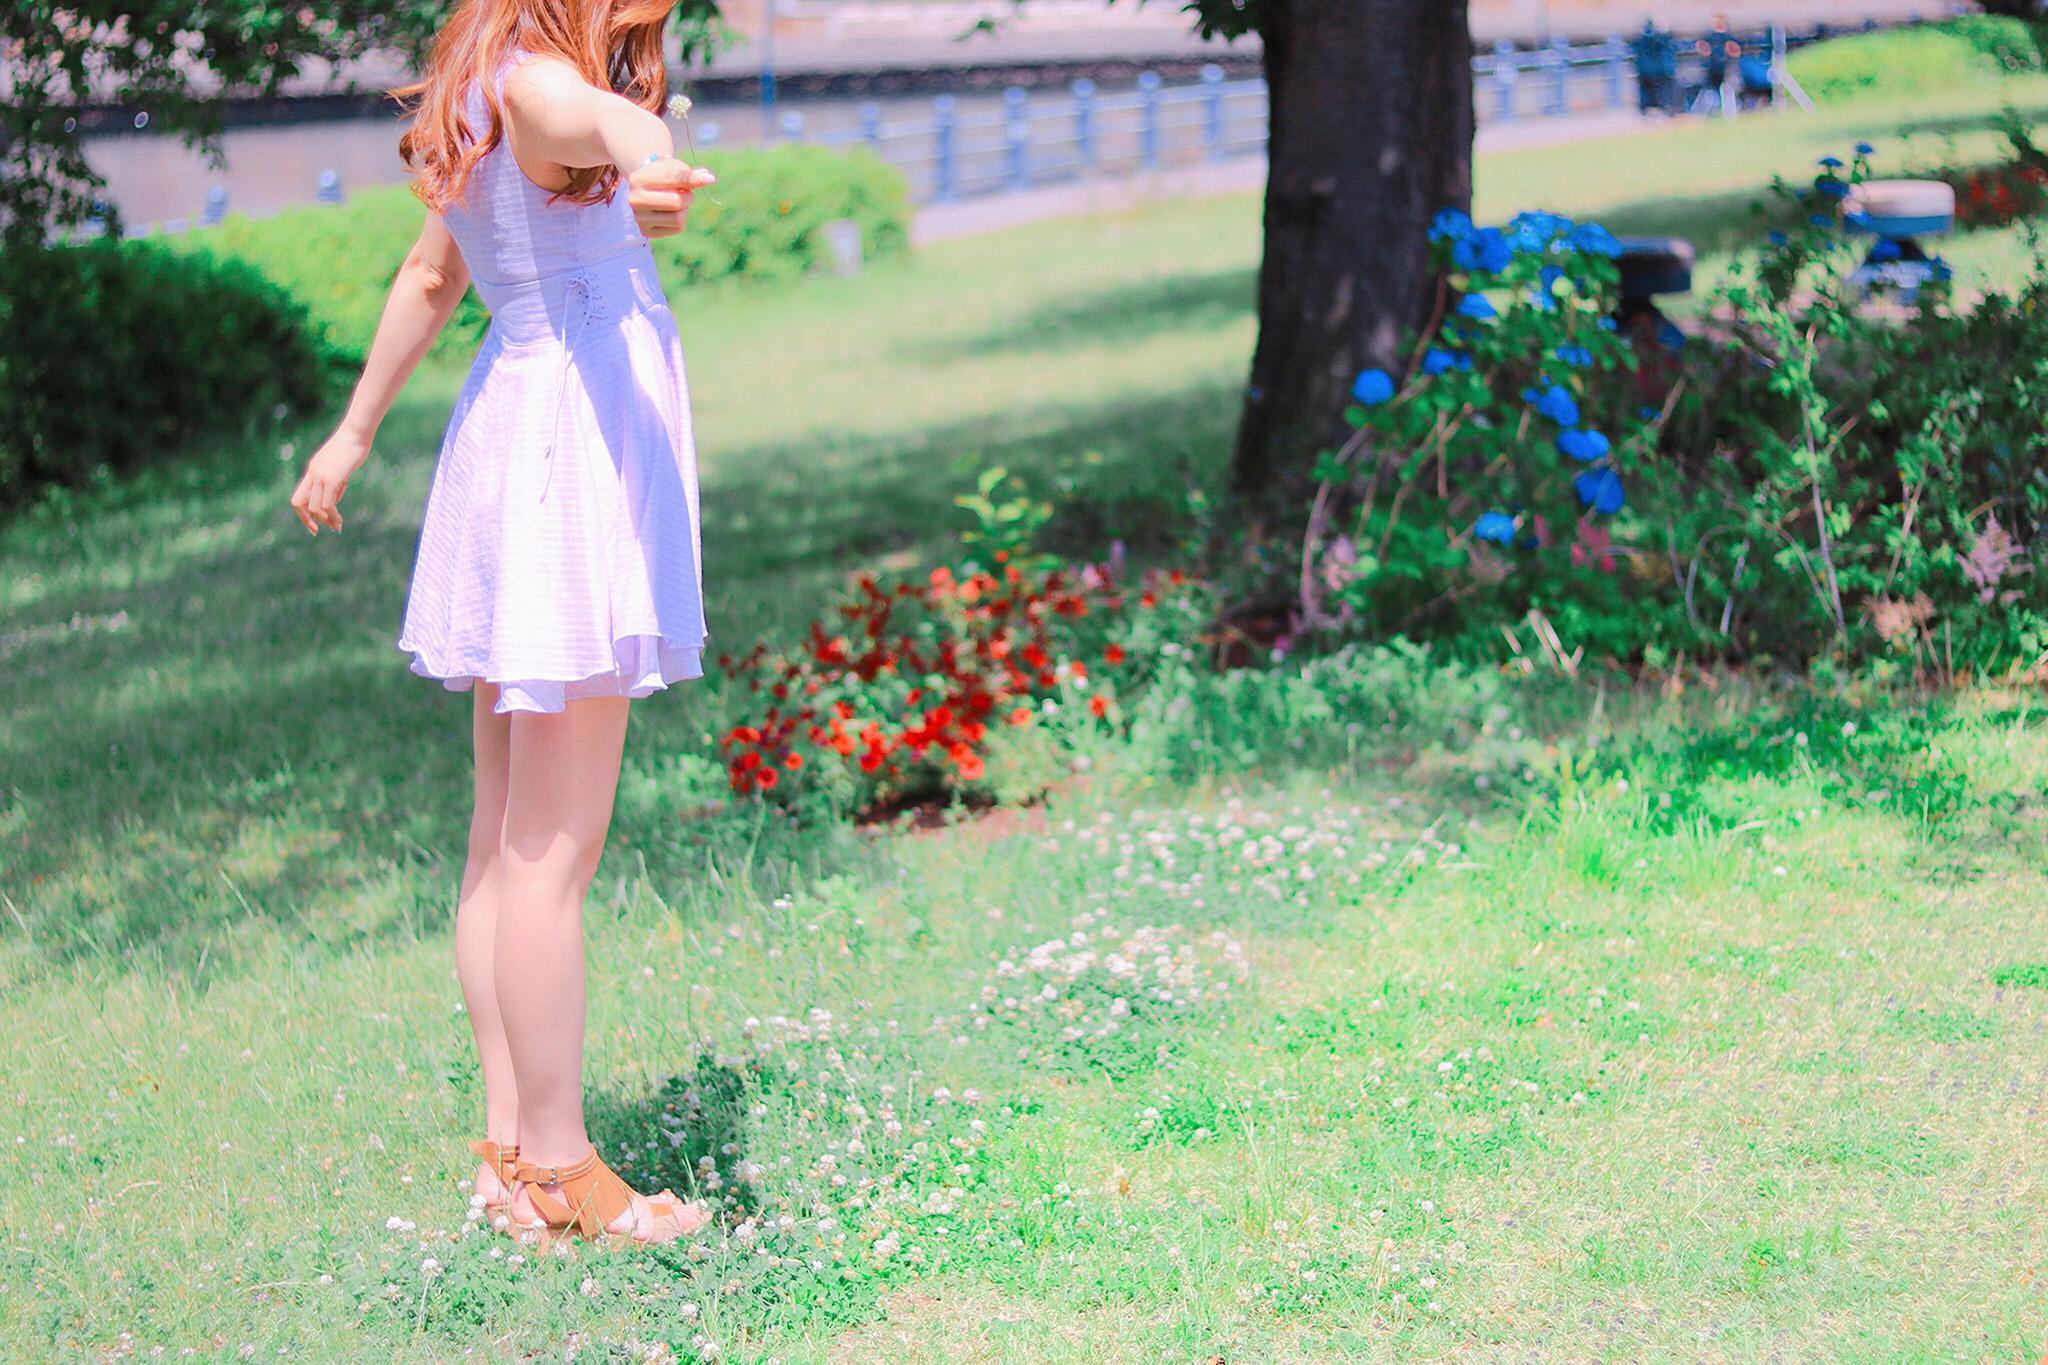 芝生の上でノースリーブのワンピースを着た女の子がストレッチをしている写真